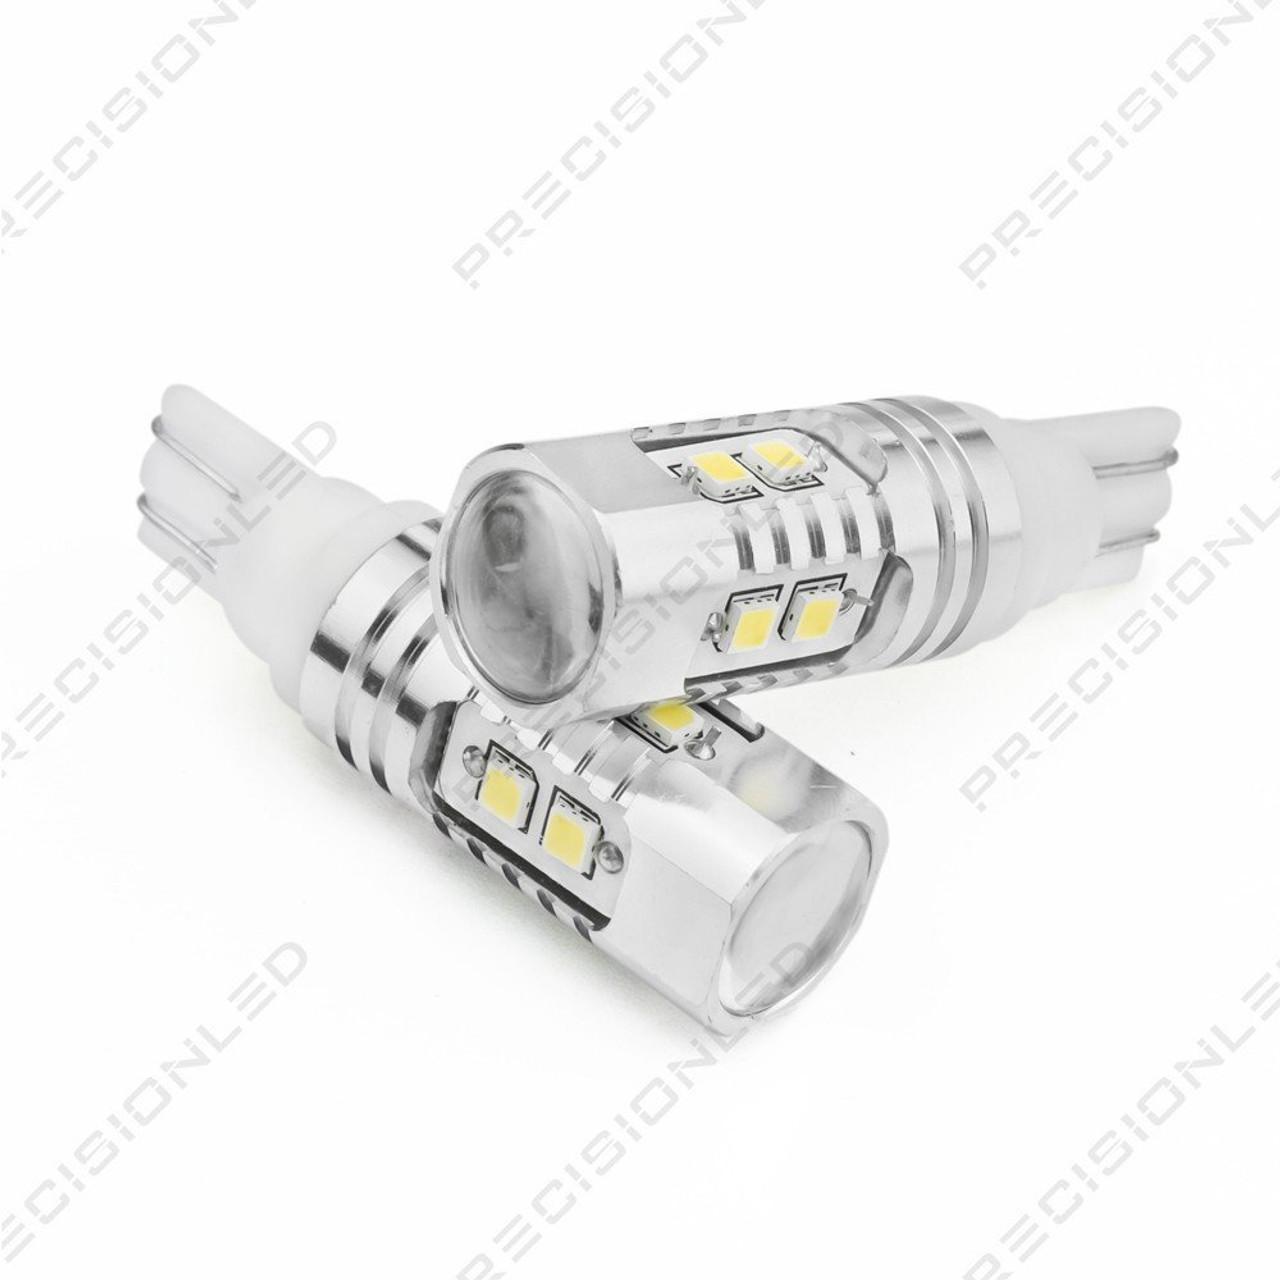 Dodge Avenger LED Backup Reverse Lights (1995-2000)